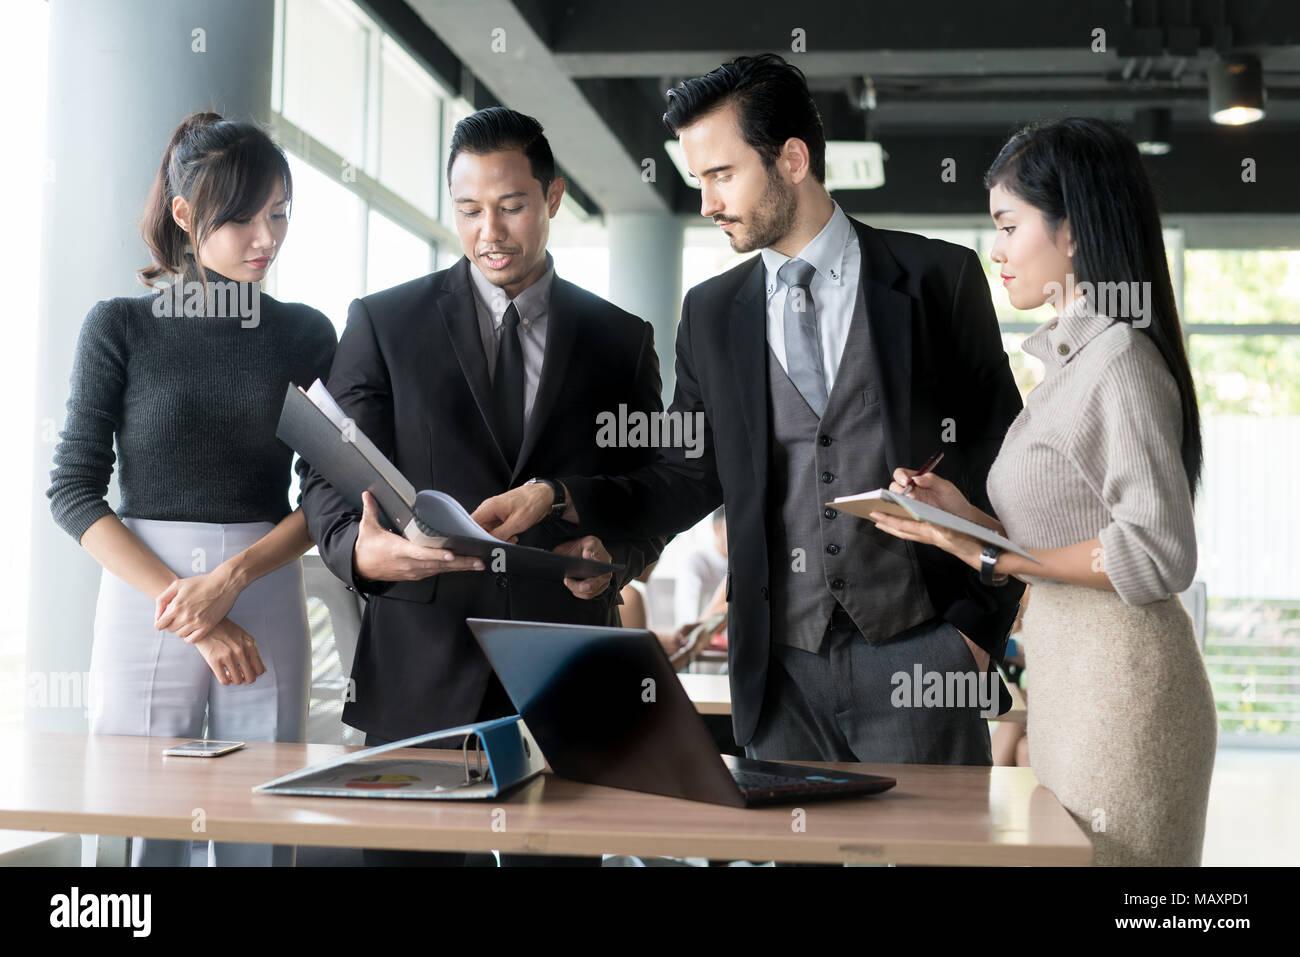 Smart Manager erklärt, internen Besprechung zu seinem Projekt Team im modernen Büro. Die multi-ethnische Geschäft Person Gruppe in Anzug. Projekt- und Business c Stockfoto